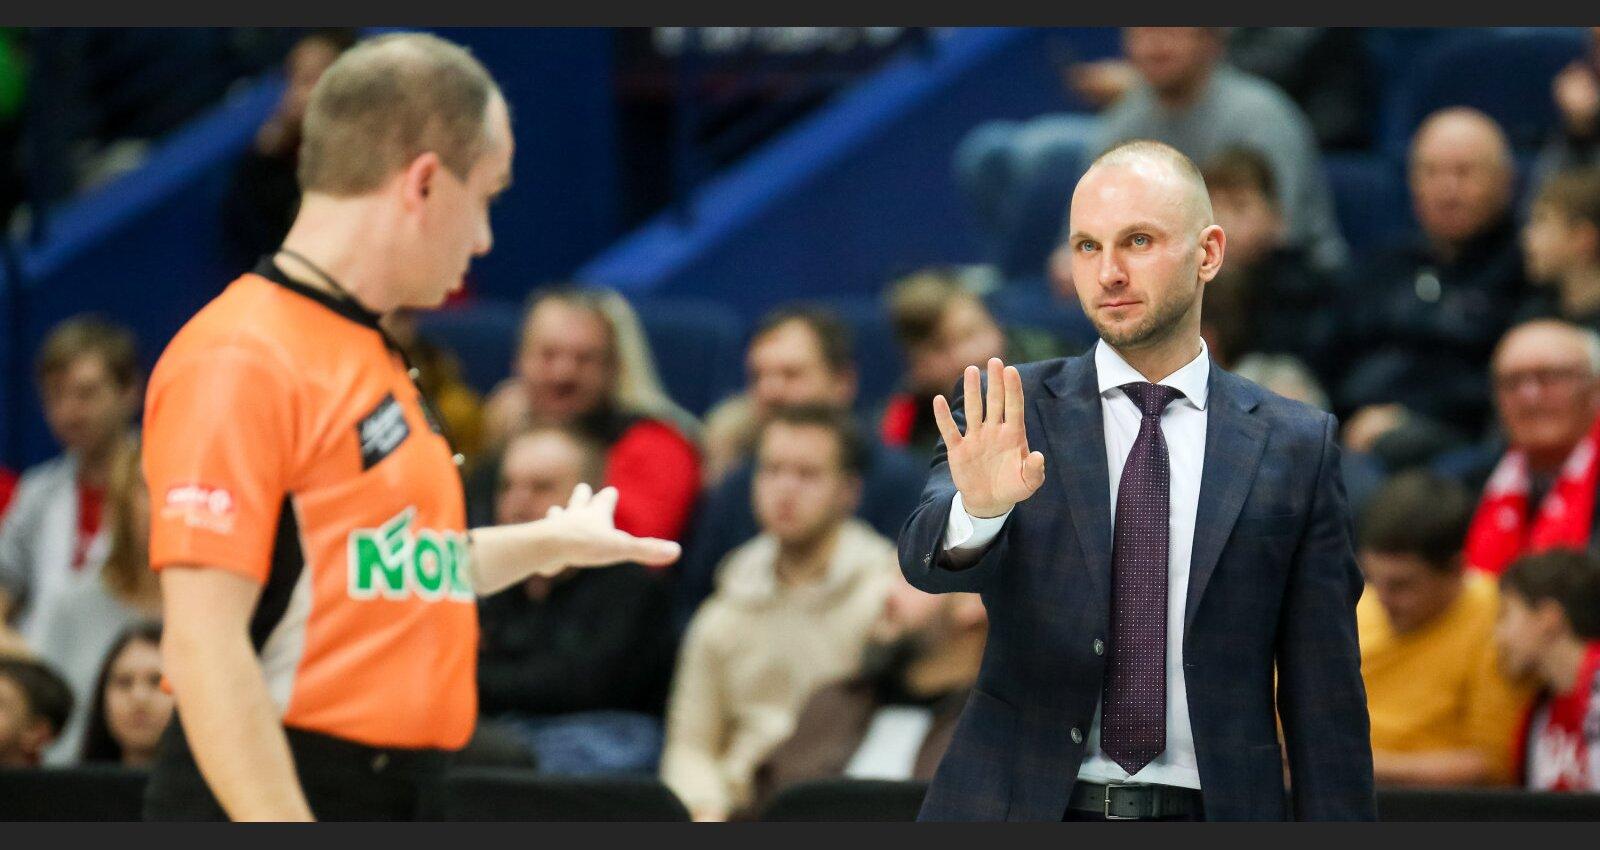 Titulēts menedžeris glābj basketbola sezonu Liepājā. Saruna ar Jonu Vainausku